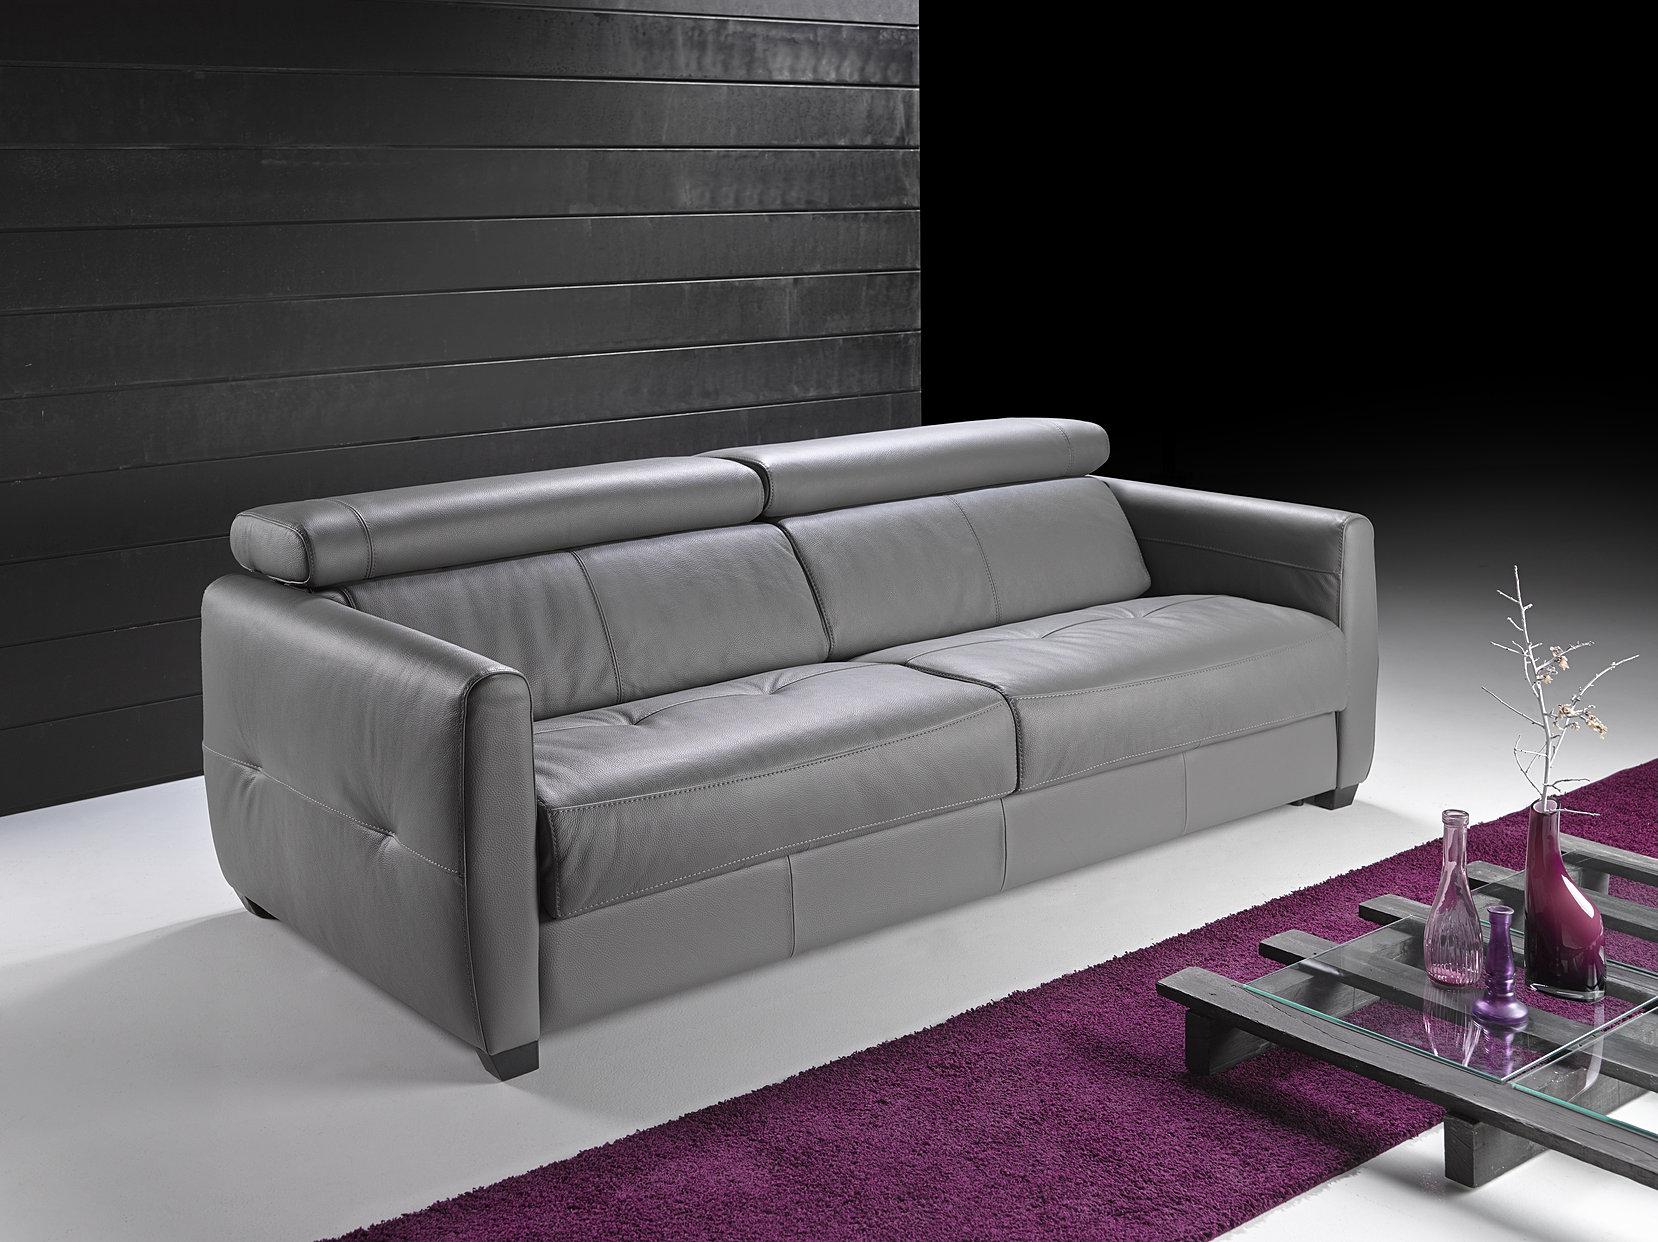 Bigsofass m laga sof s cama de garant a Sofas 50 sarria de ter